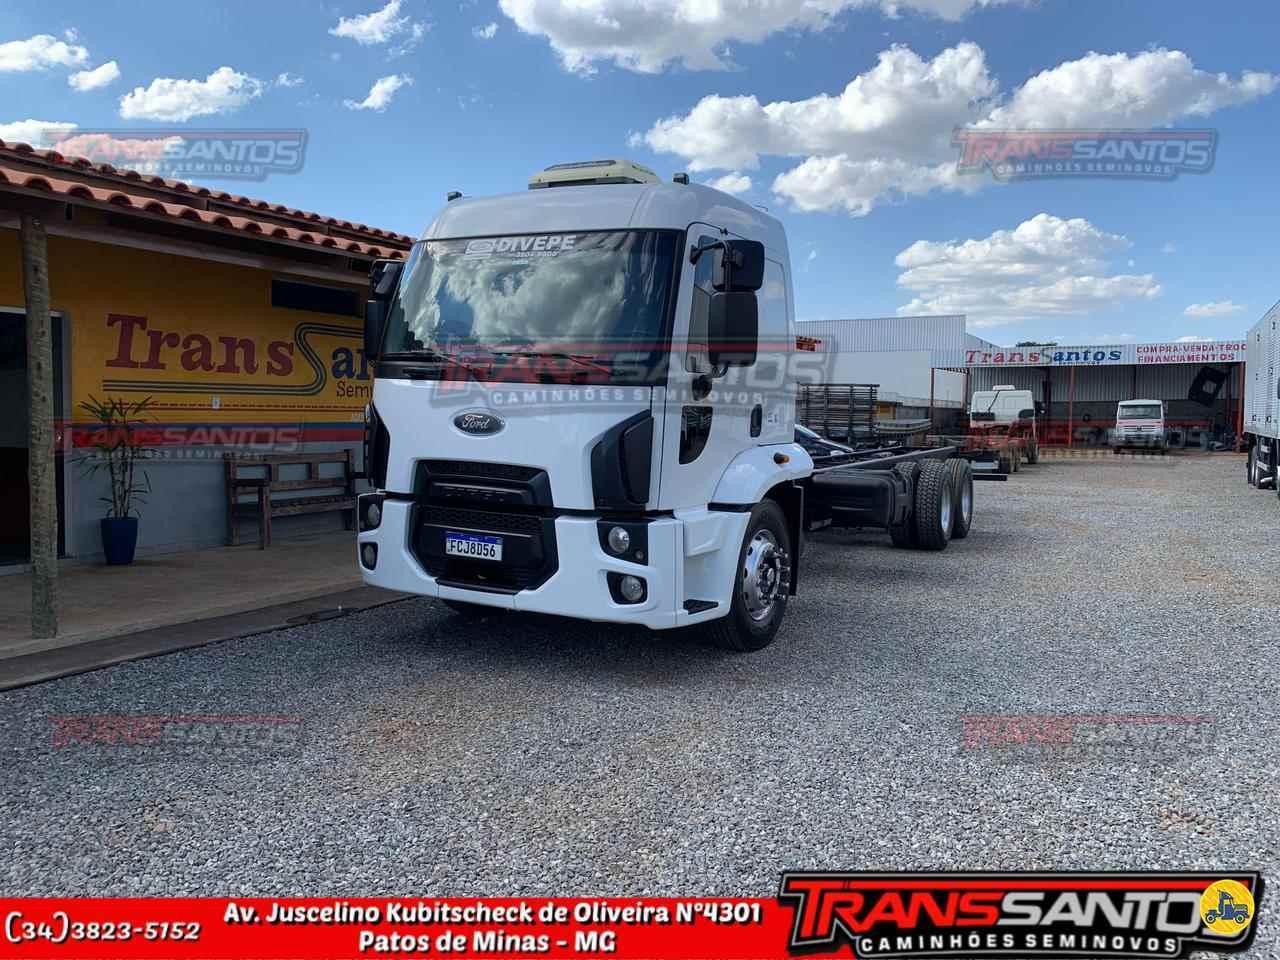 CAMINHAO FORD CARGO 2429 Chassis Truck 6x2 TransSantos Seminovos PATOS DE MINAS MINAS GERAIS MG